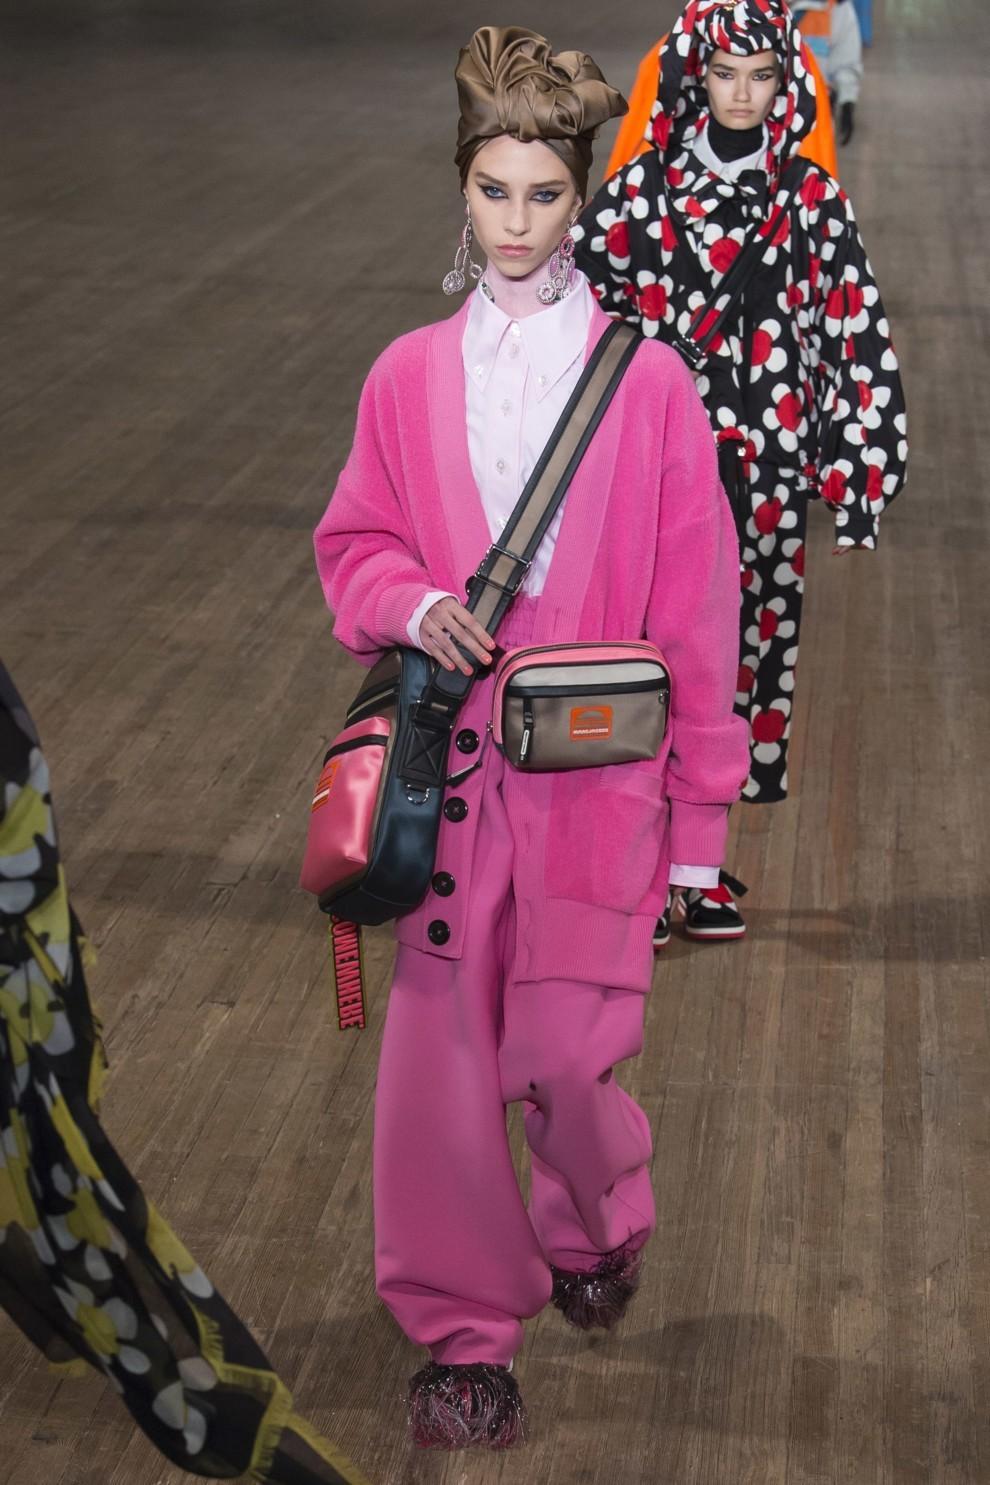 Модные образы весна лето 2018? розовый костюм костюм в принт цветы